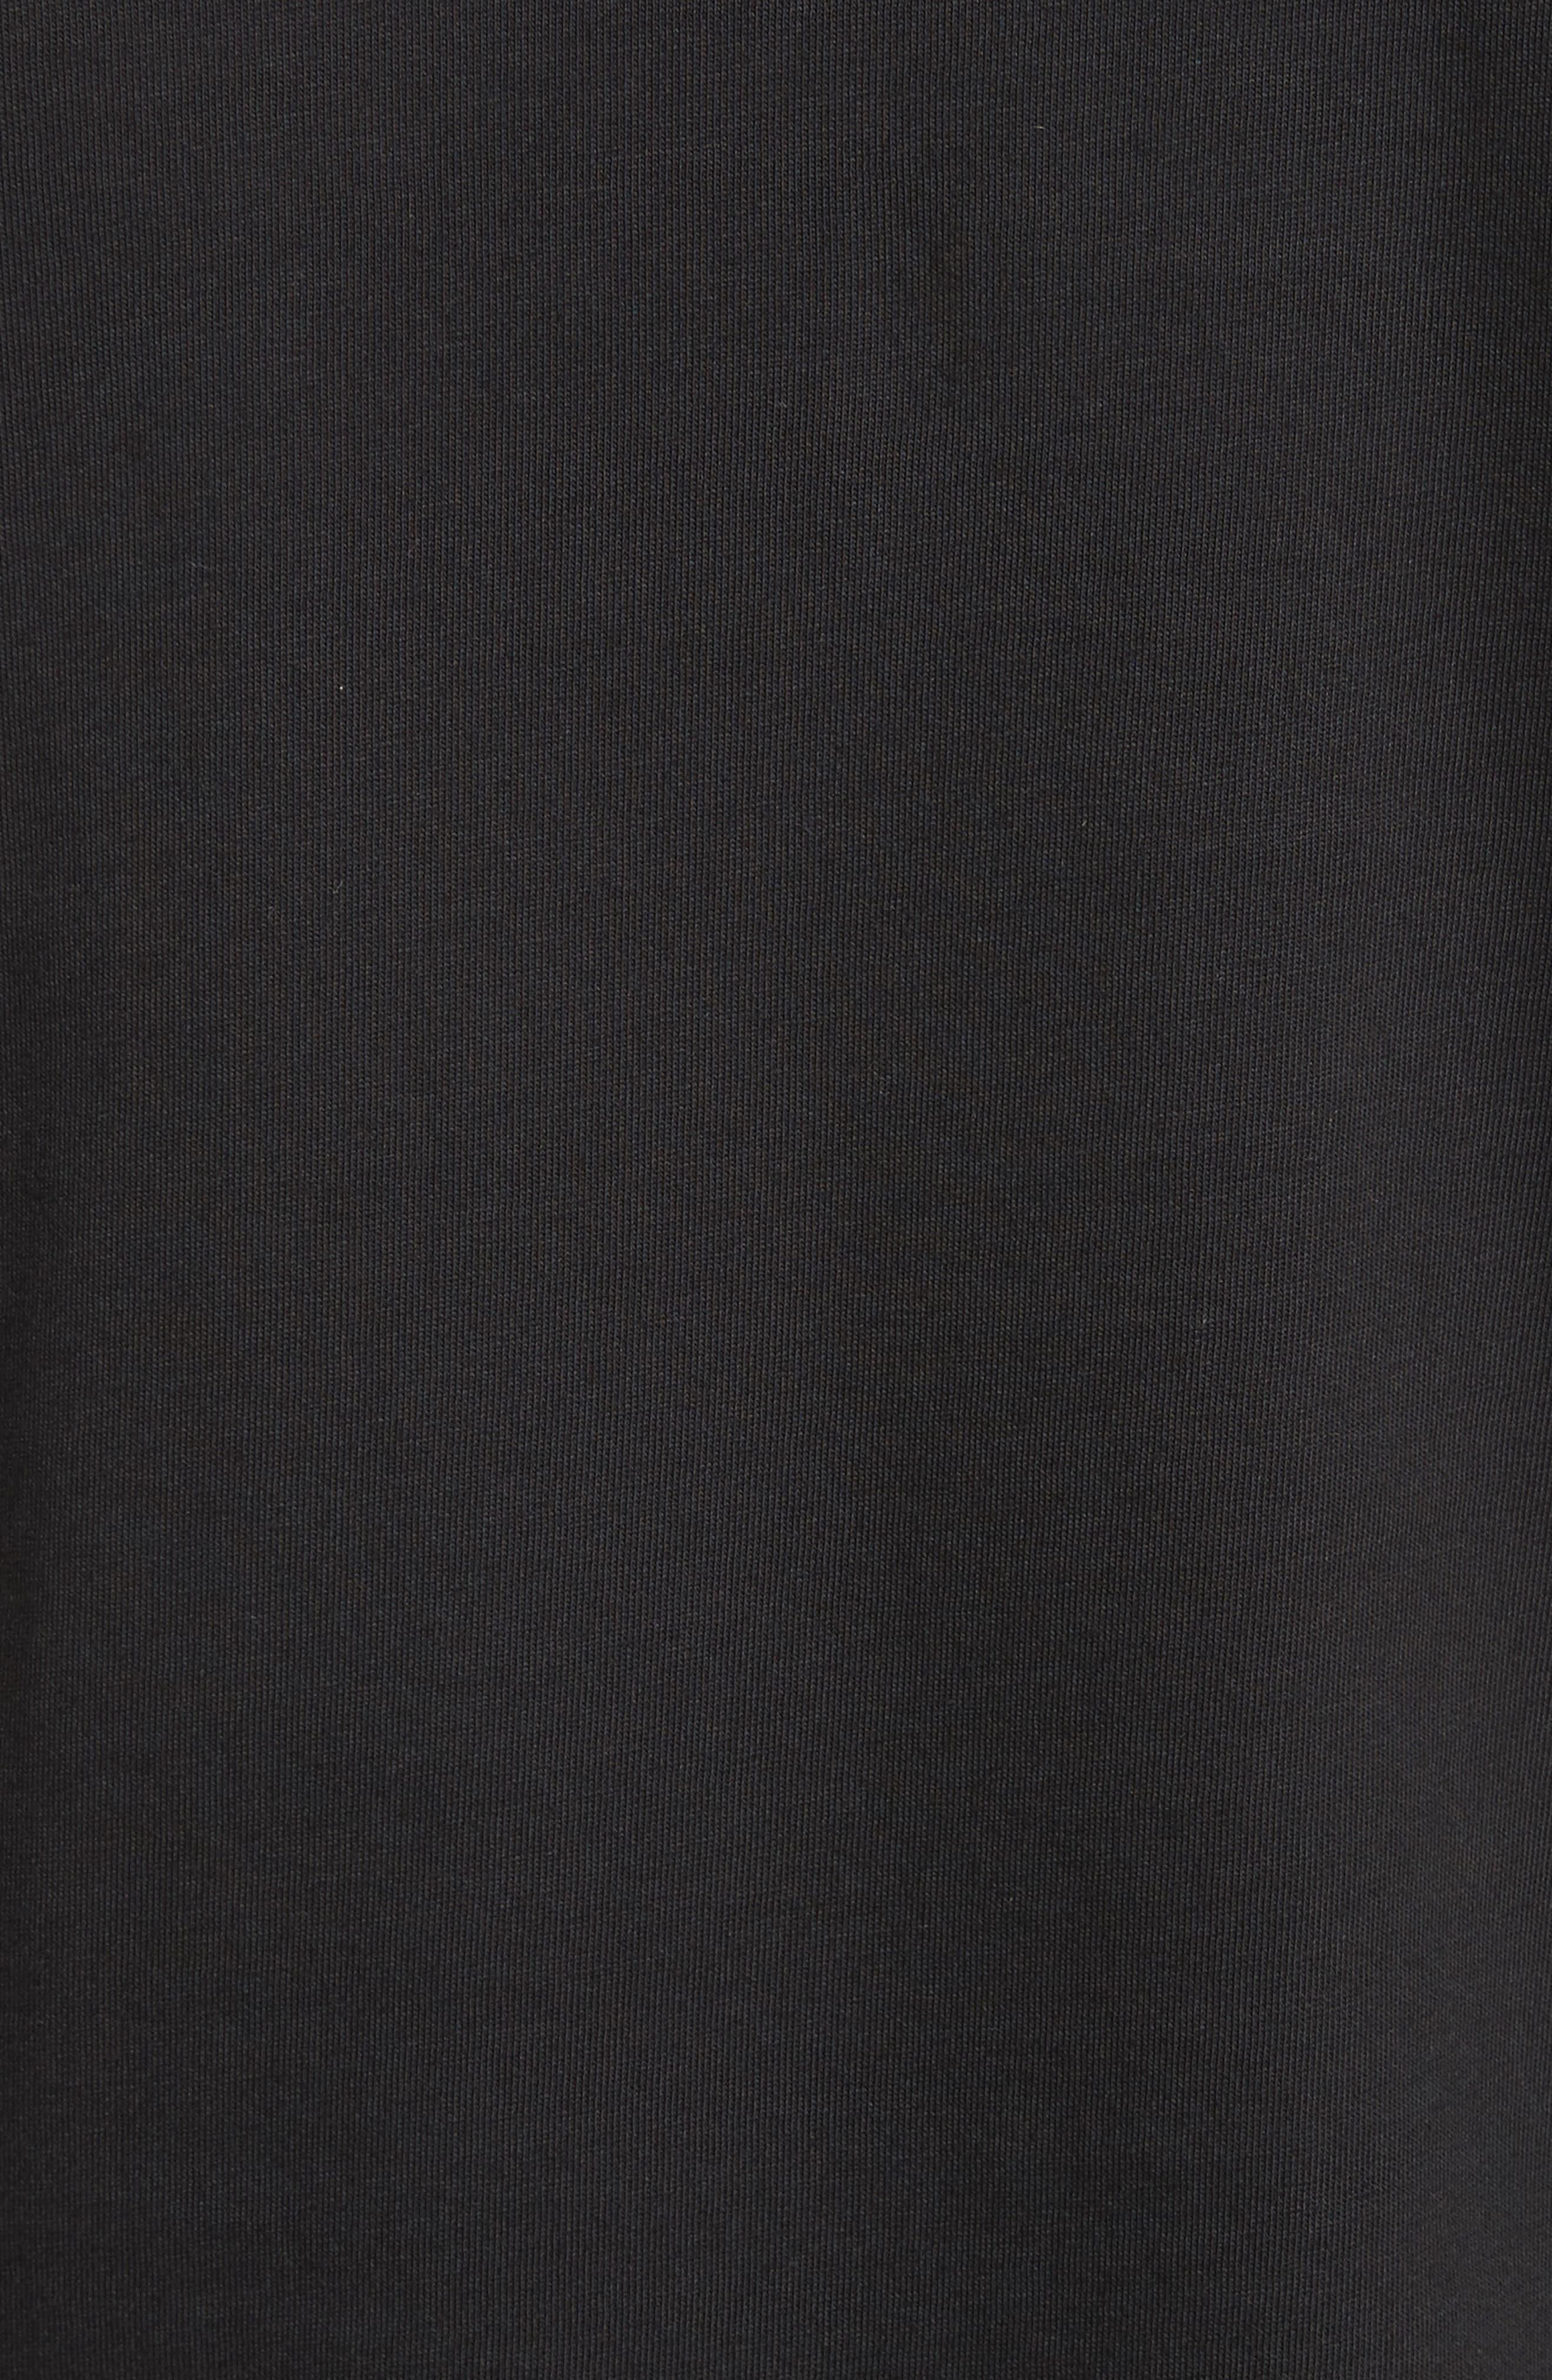 Patch Detail T-Shirt,                             Alternate thumbnail 5, color,                             001